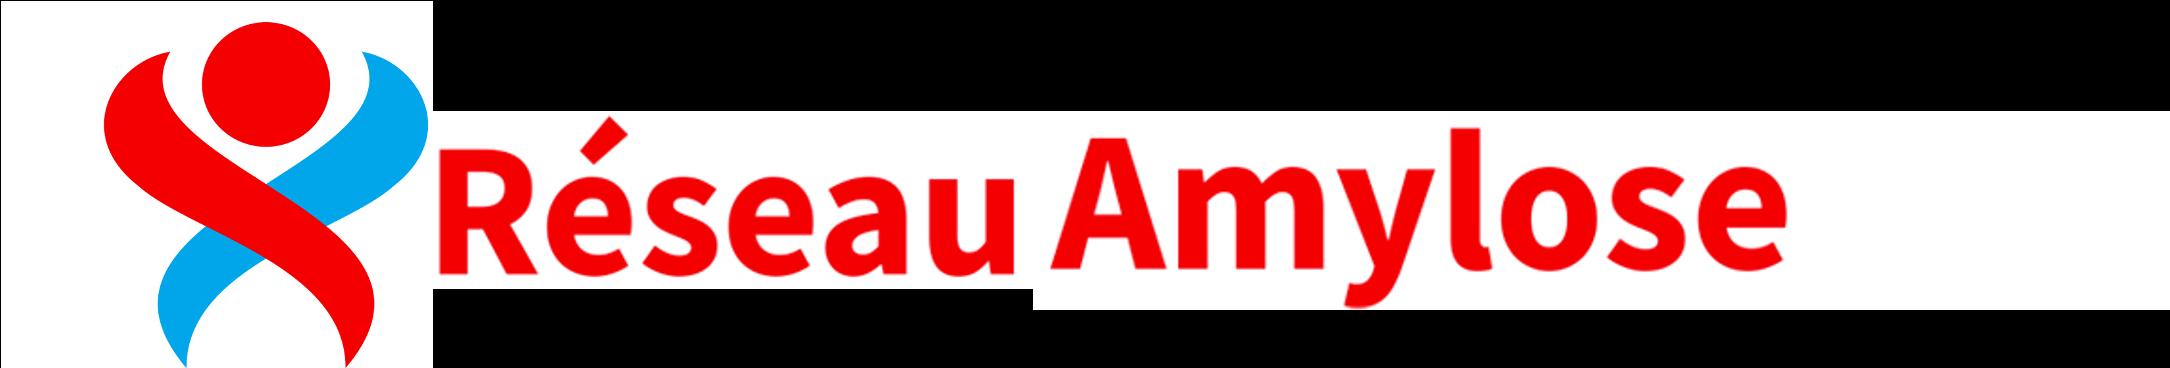 Réseau Amylose - réseau